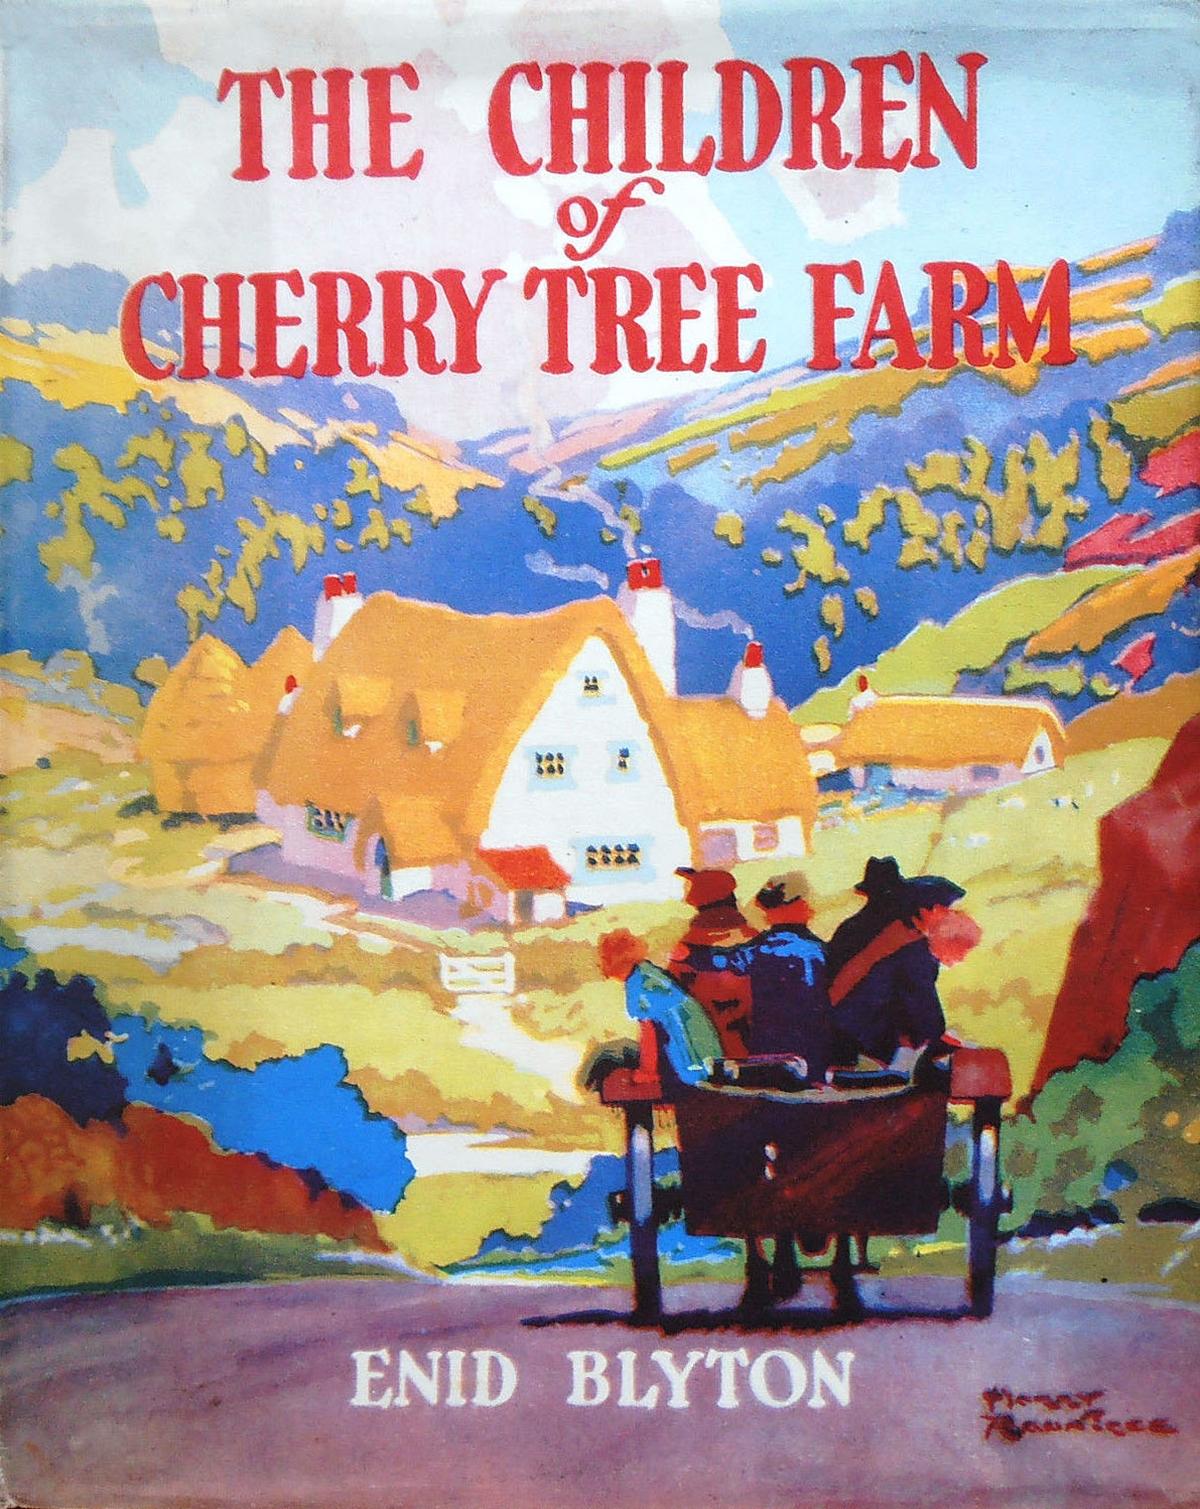 6 14 12 Enid Blyton Books We Loved Reading As Children